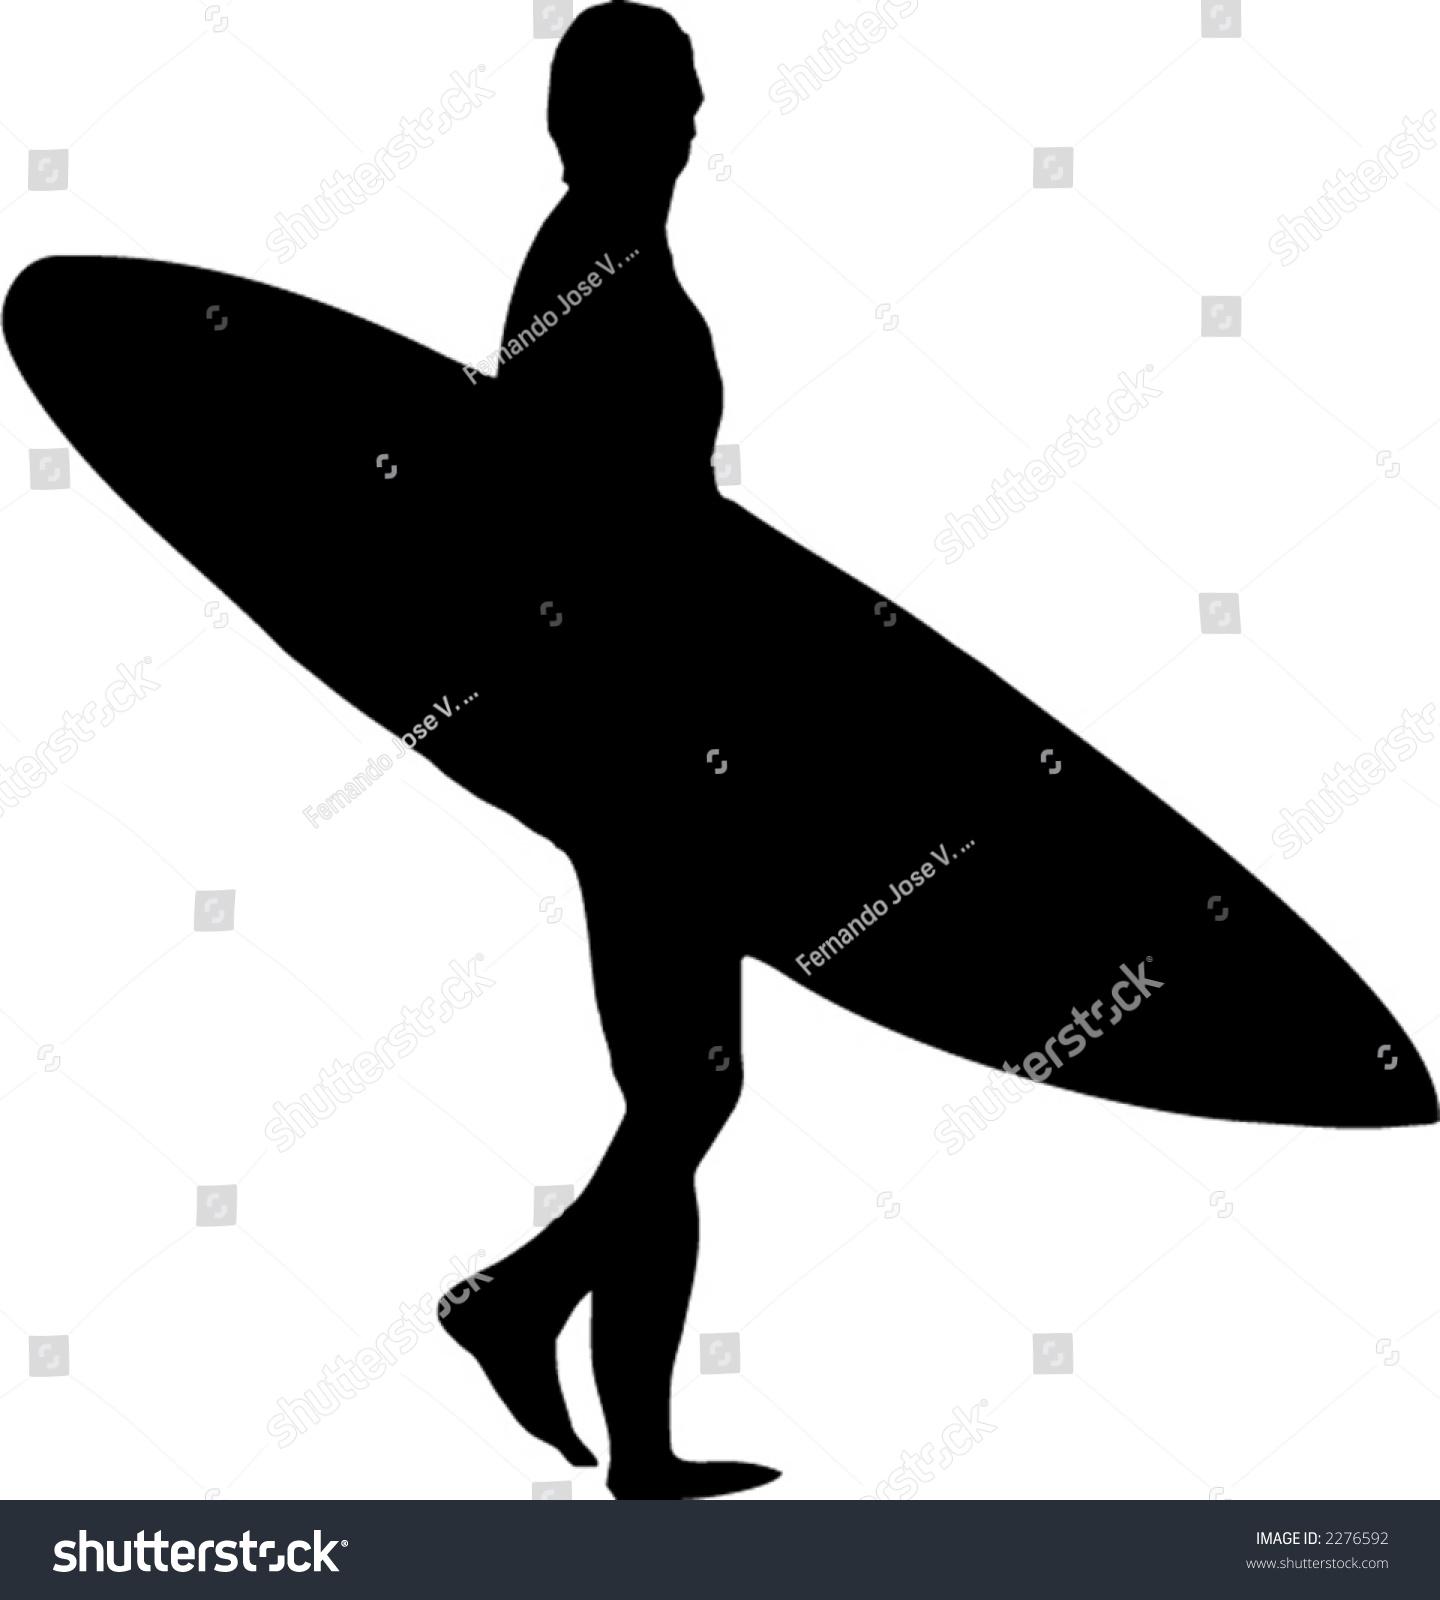 surfer silhouette stock vector 2276592 shutterstock